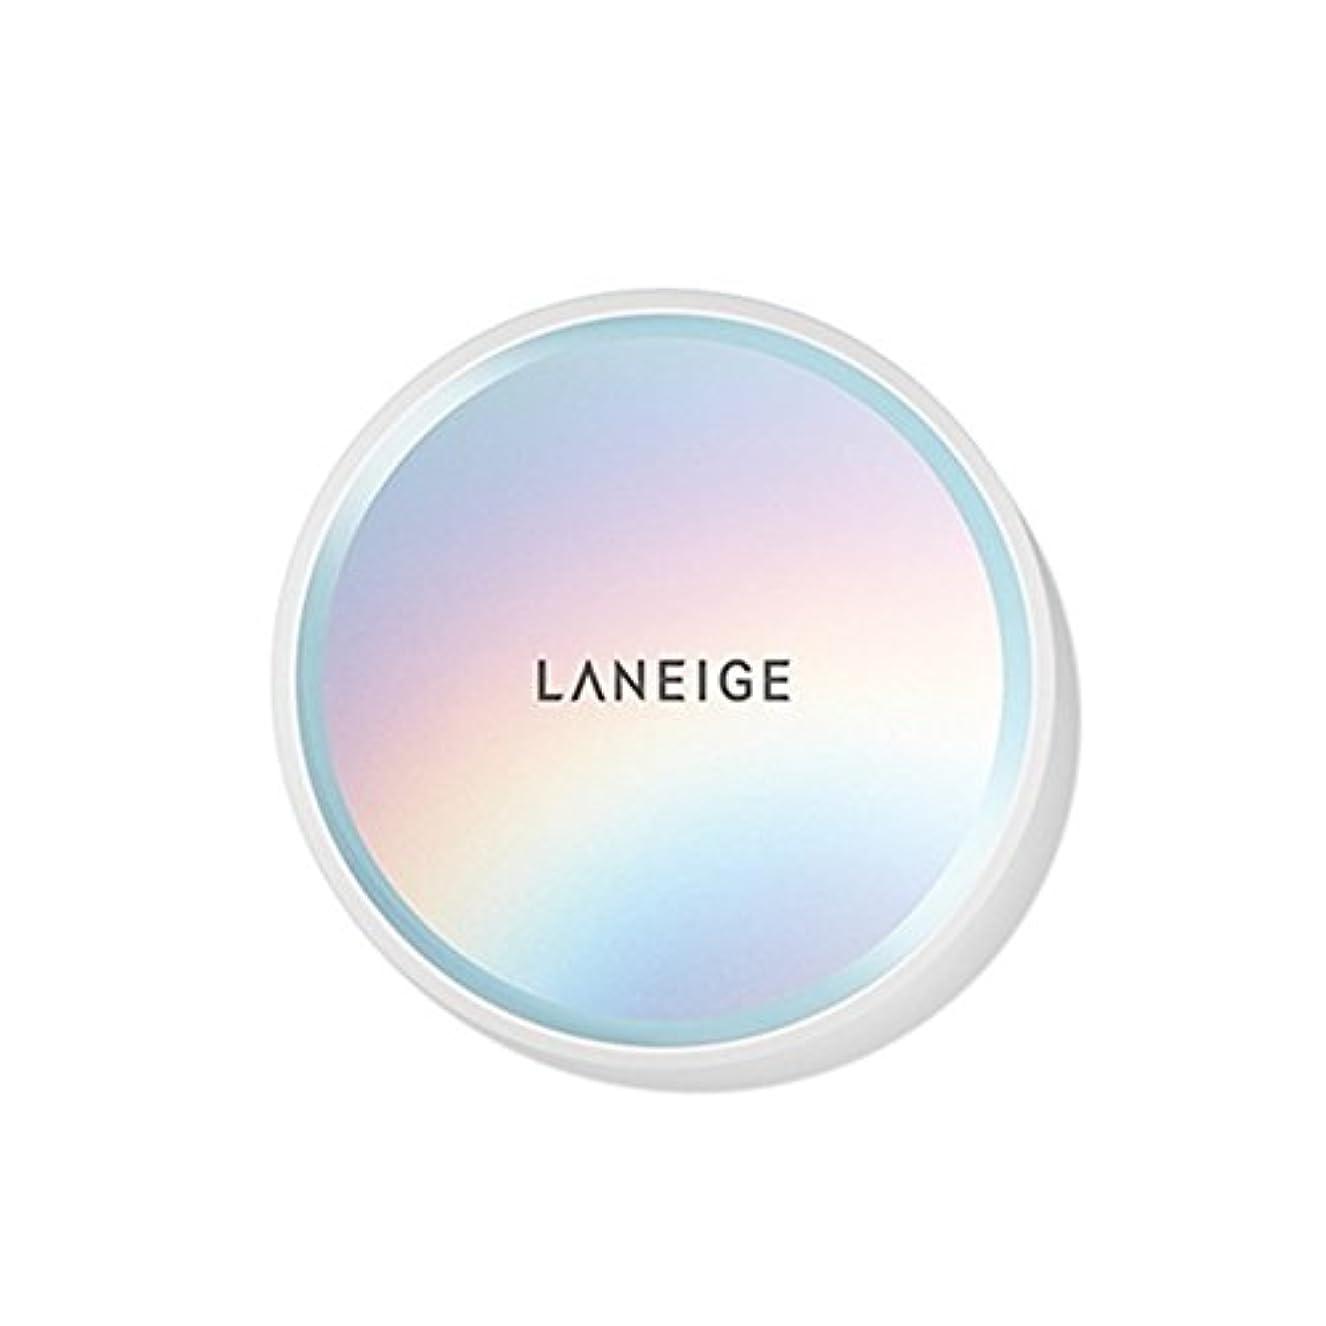 規制カメ回答【ラネージュ】 LANEIGE BB Cushion Pore Control BBクッションポアコントロール 【韓国直送品】 OOPSPANDA (4.No. 23 Sand)